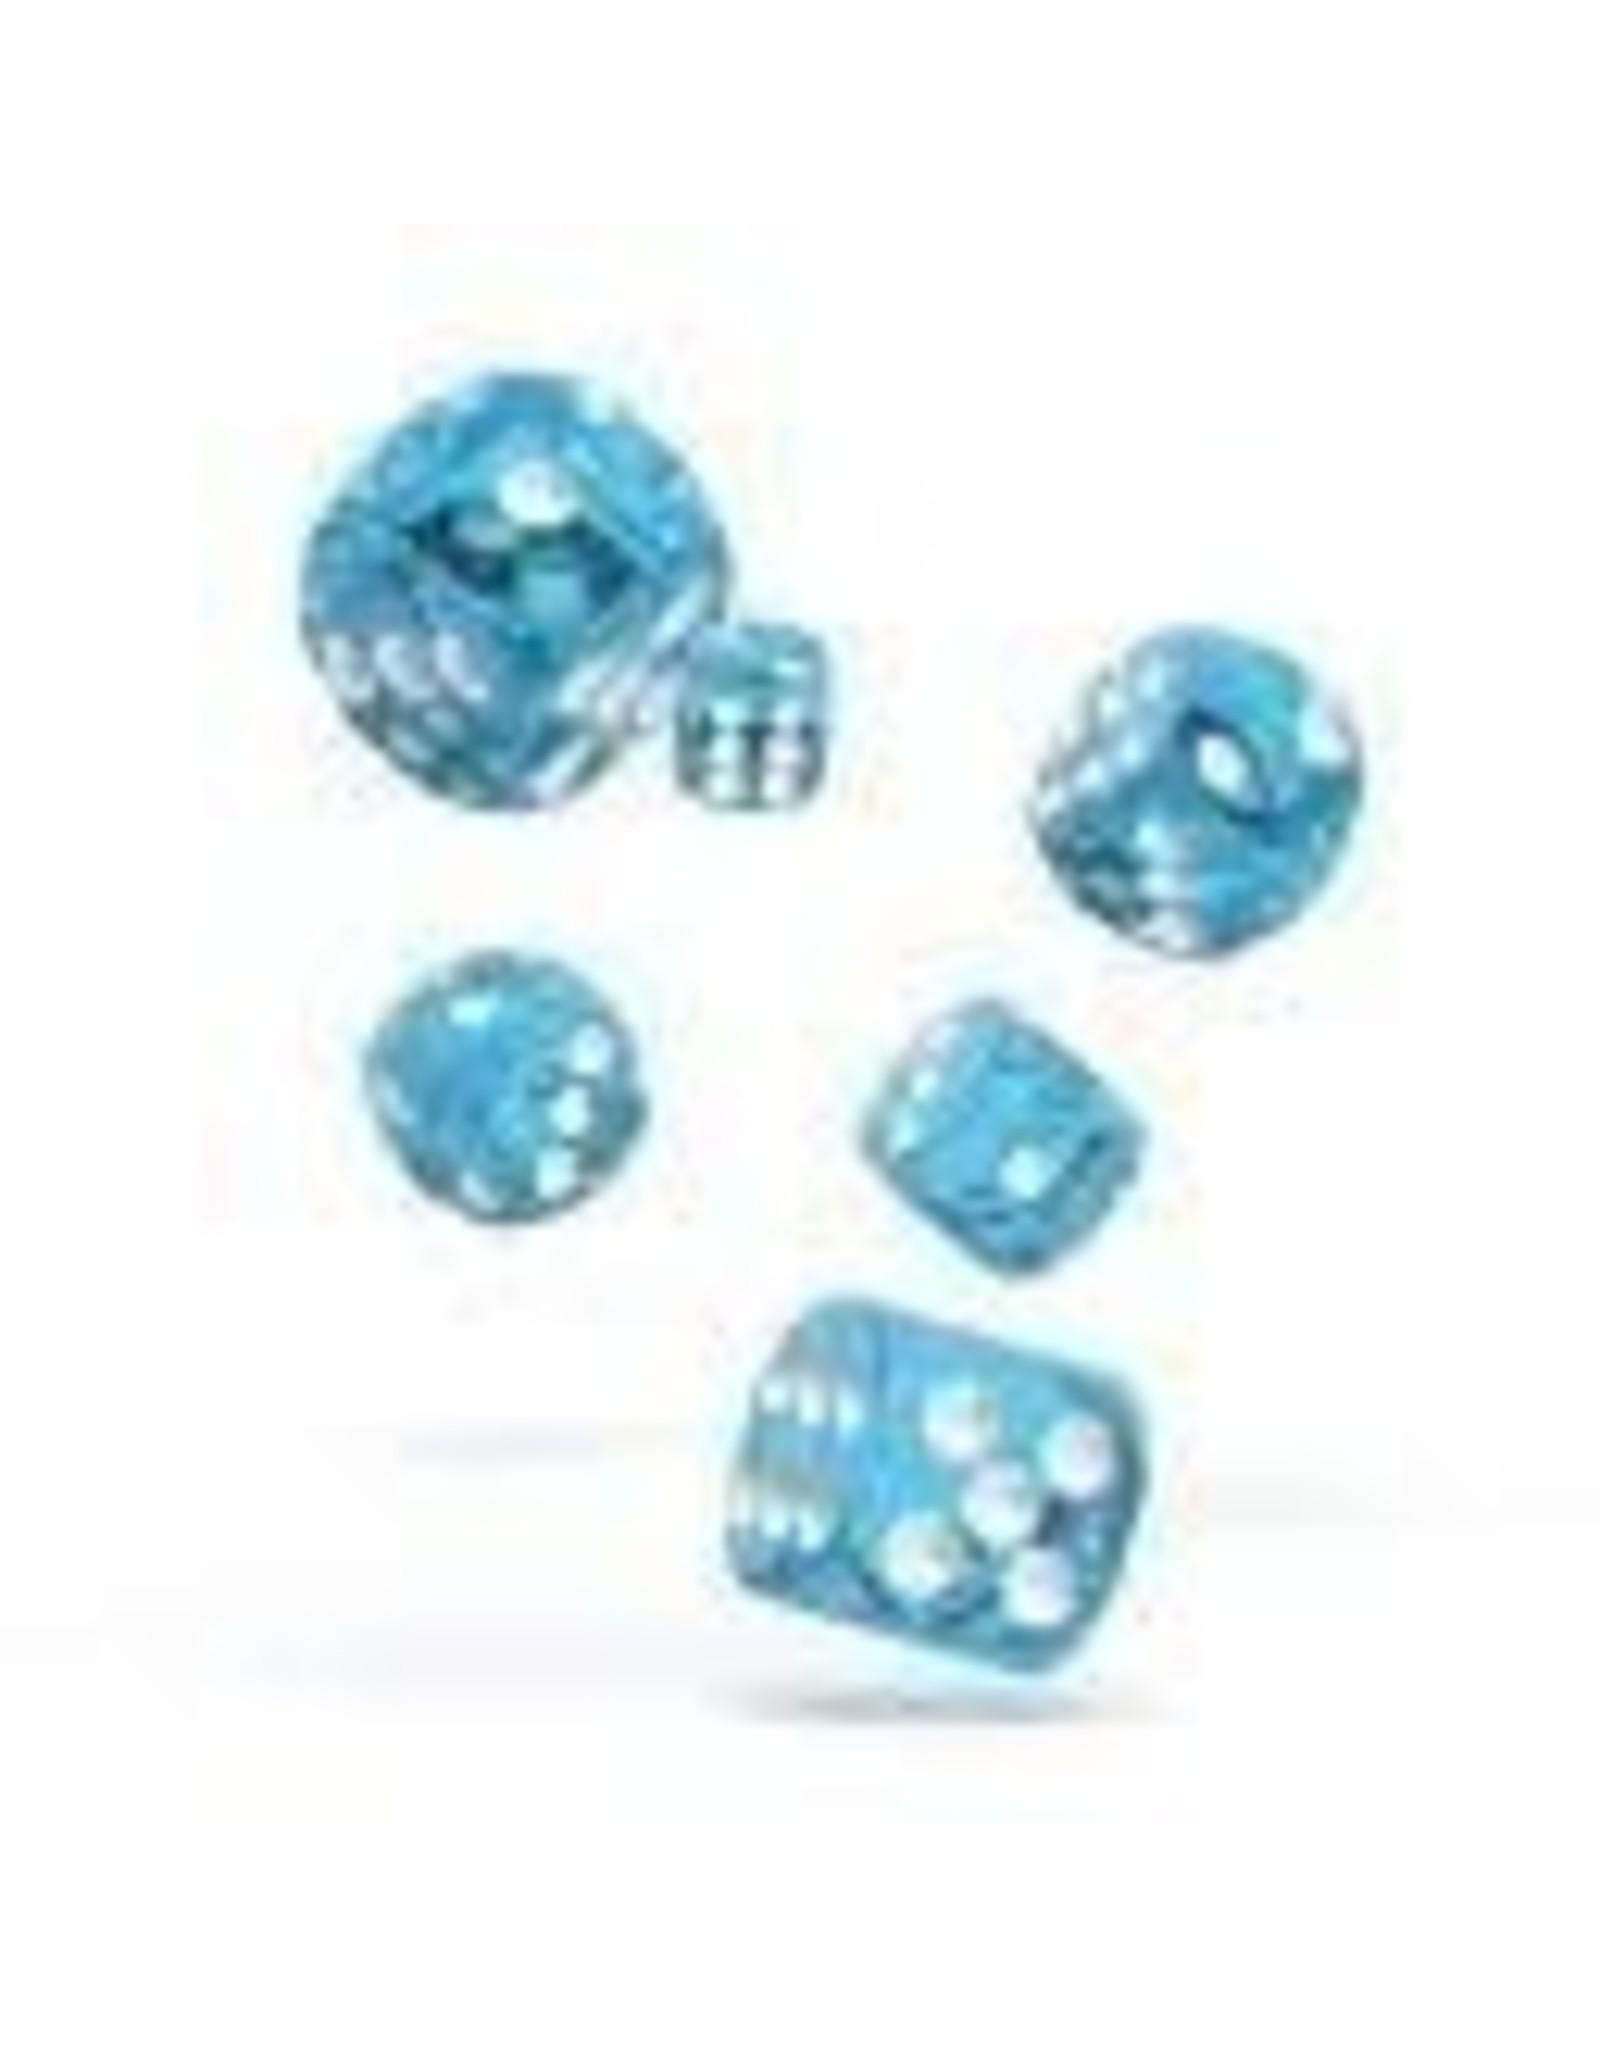 Oakie Doakie Dice C8 OK d6 12mm Speckled Light Blue